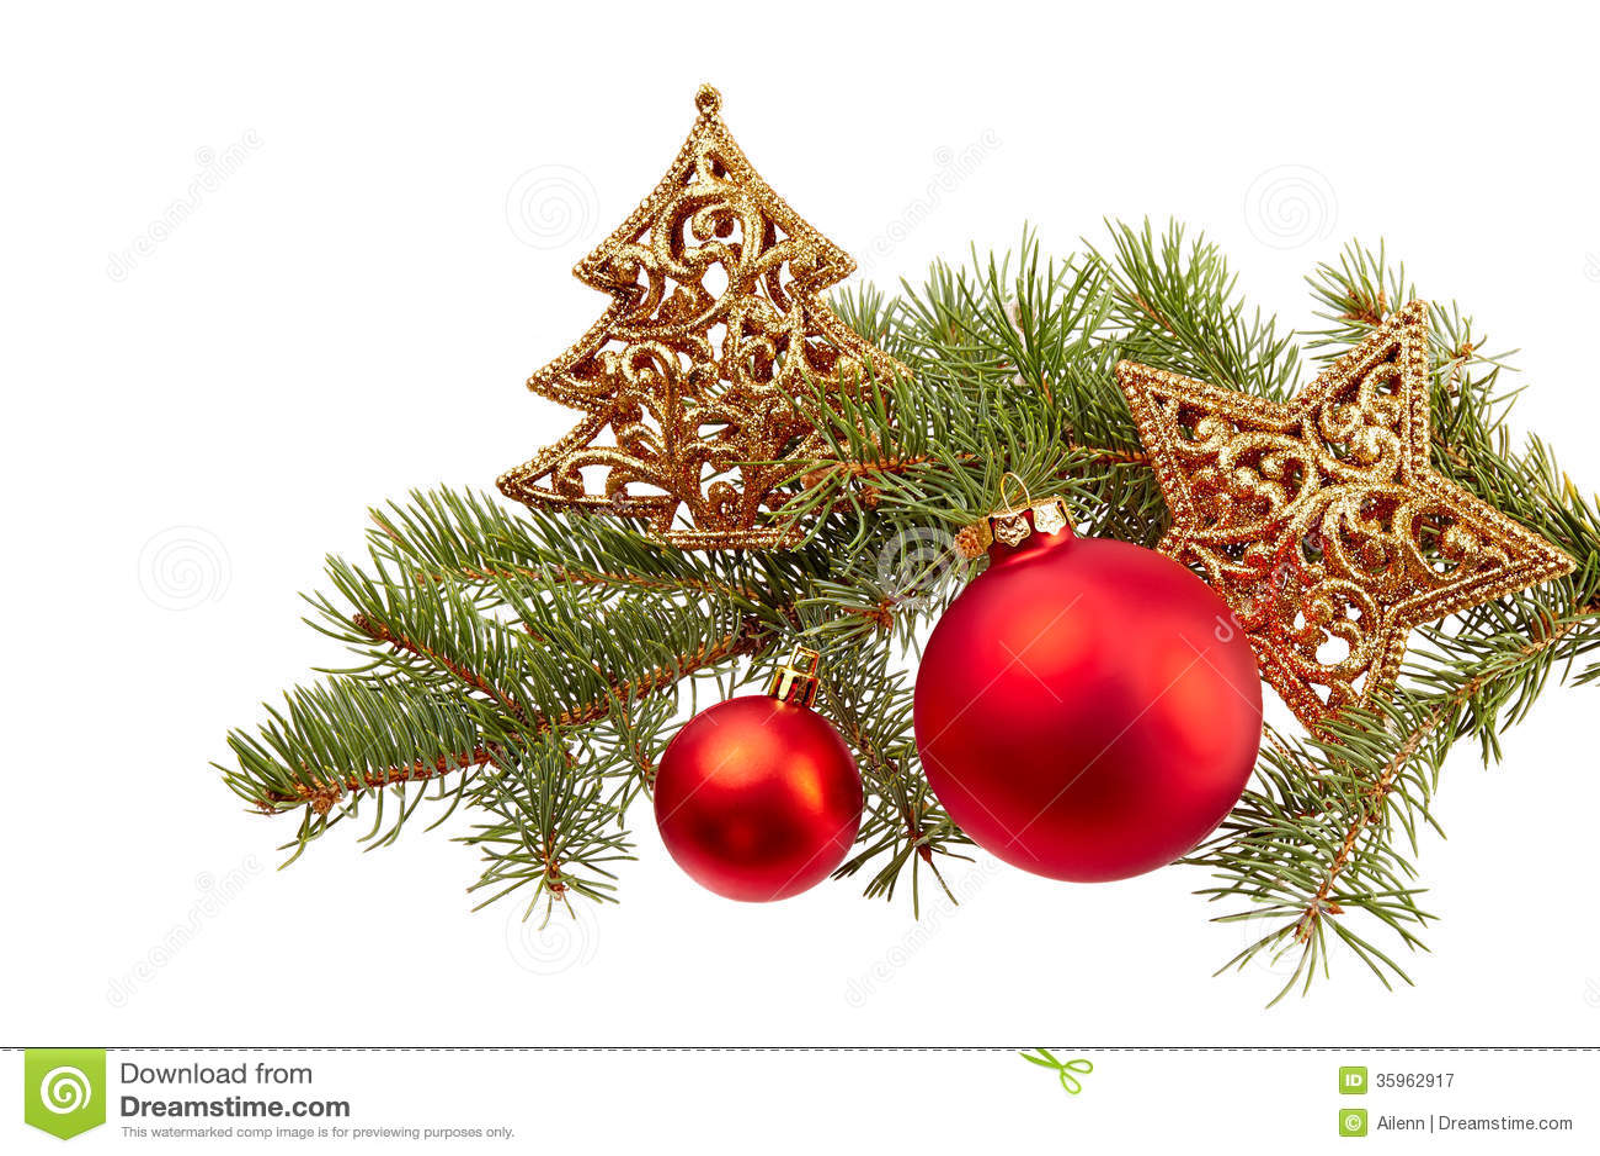 Isola de la decoración de la Navidad (rama del abeto, bola de la Navidad, estrella del oro)